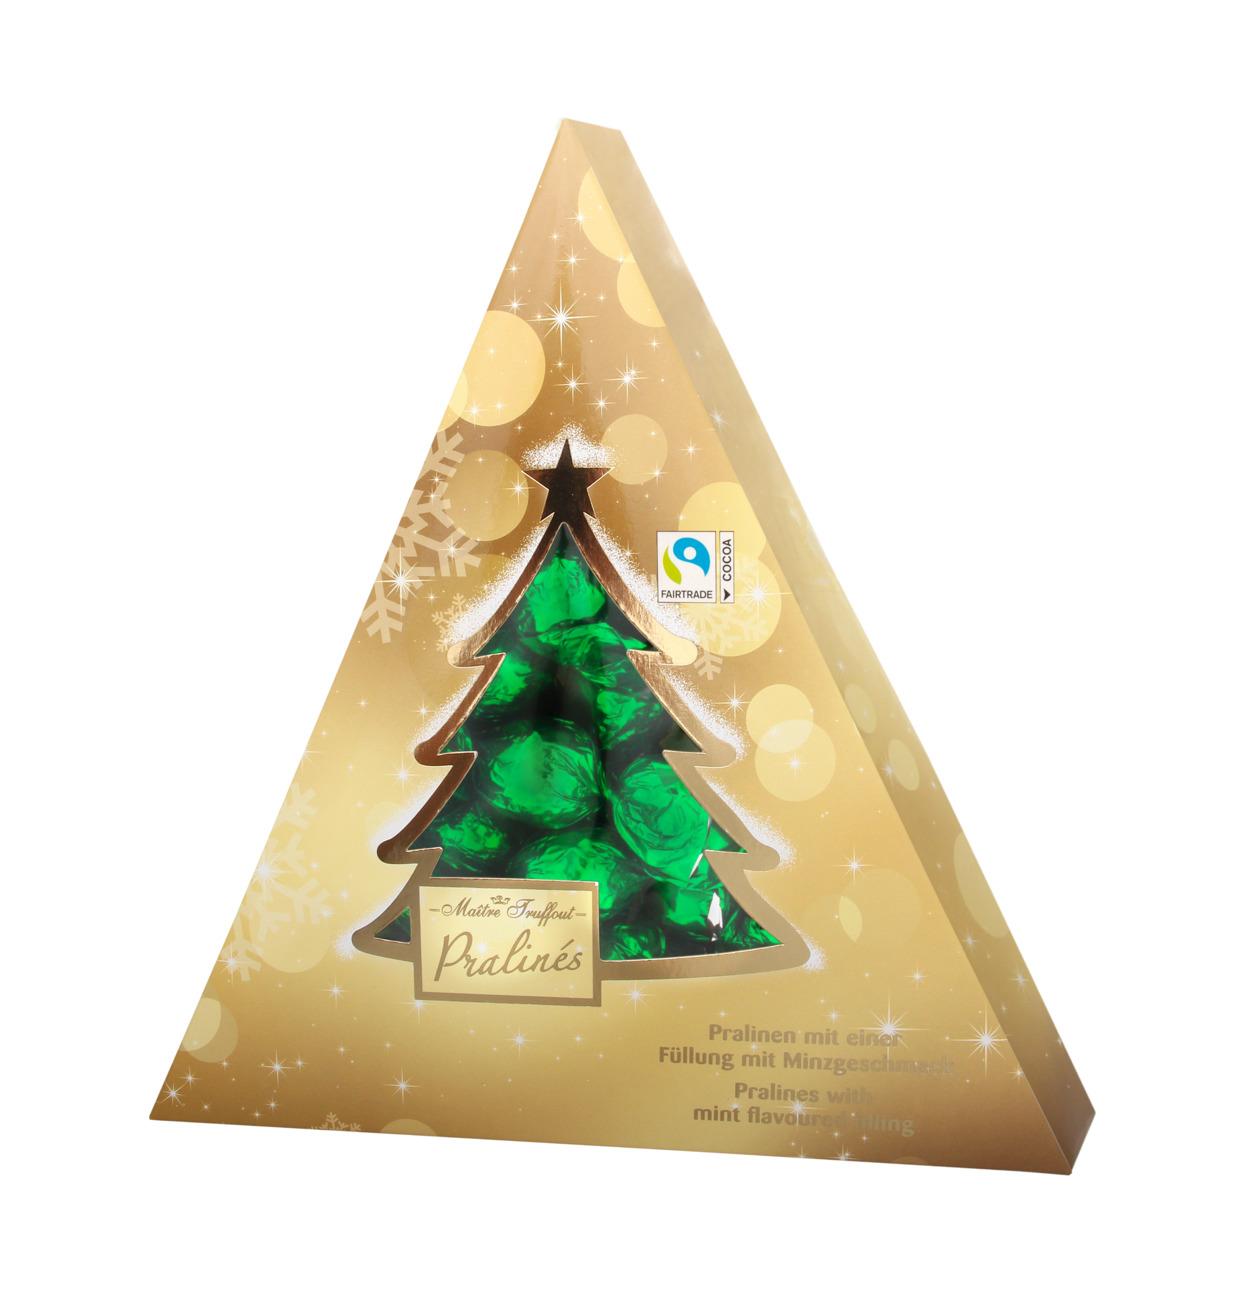 Weihnachtsbaum Pralinen mit Minzgeschmackfüllung